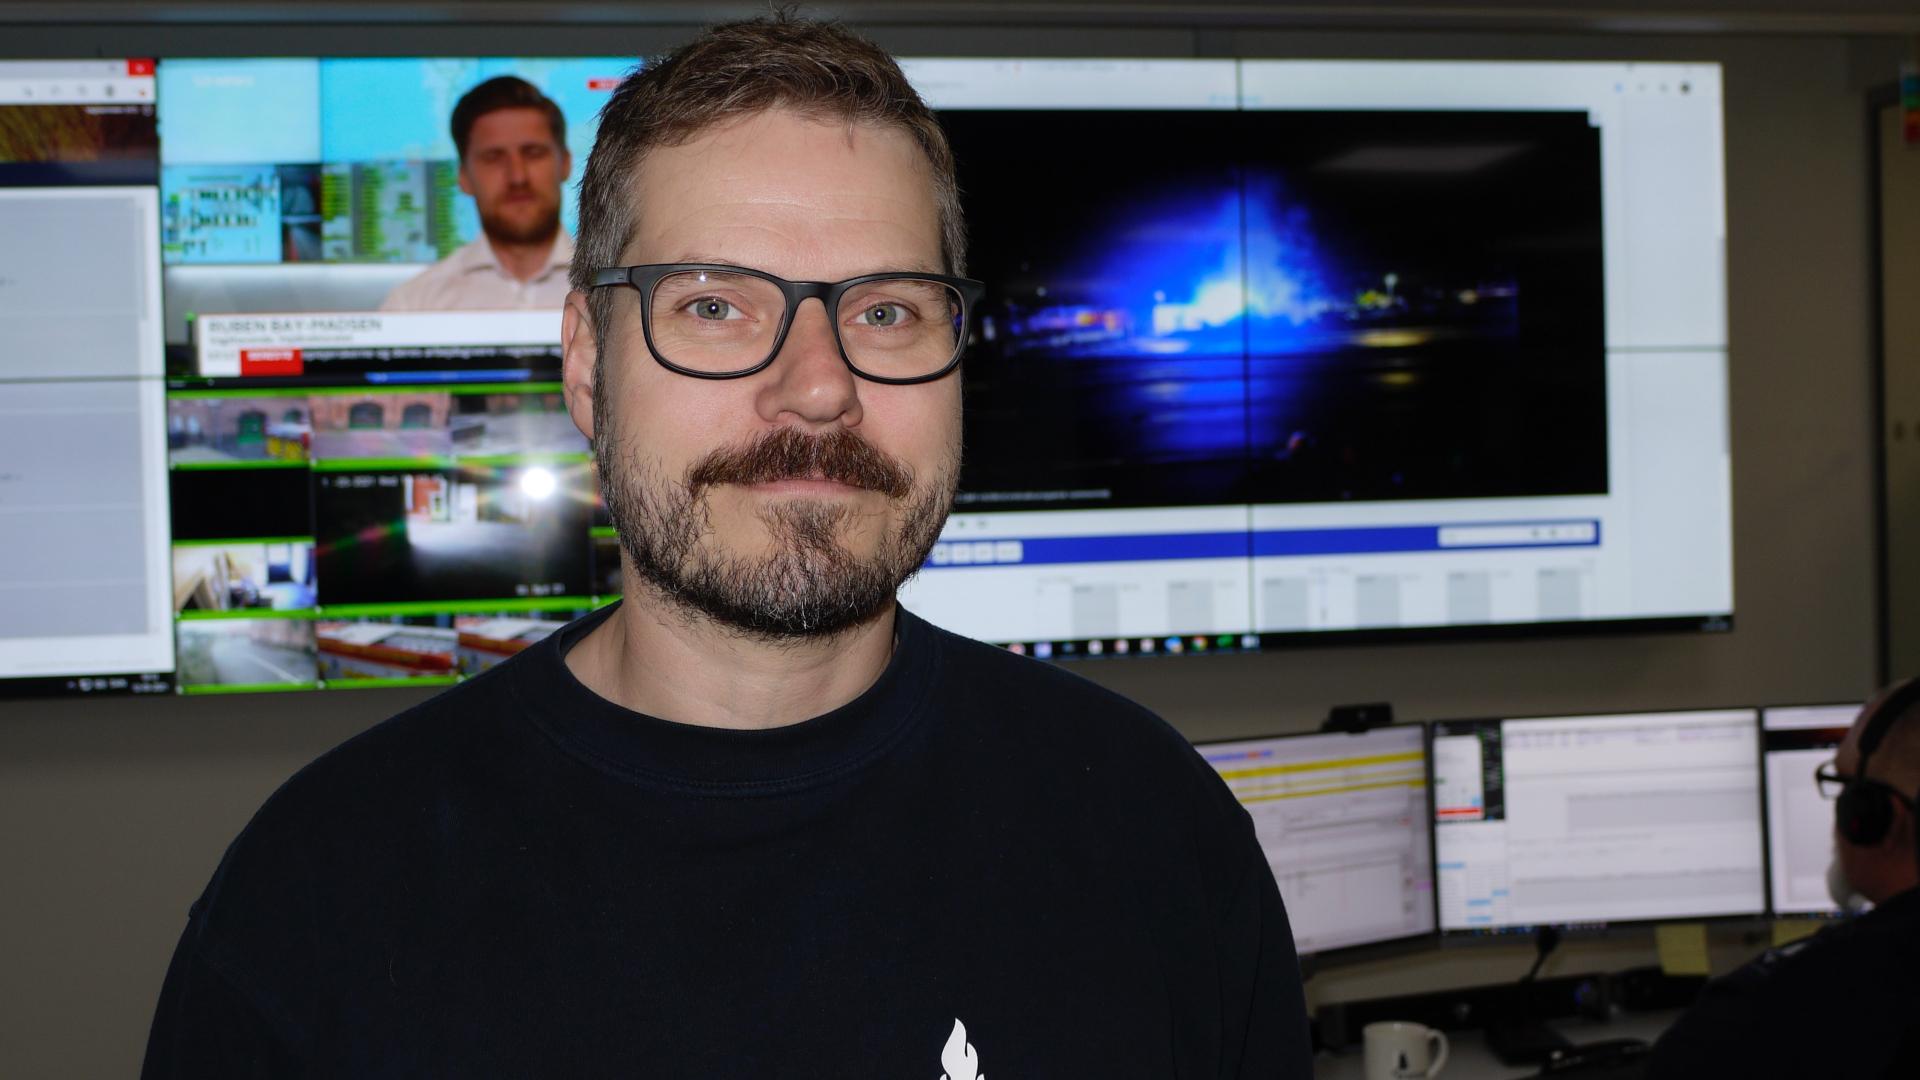 Mand står foran skærmvæg